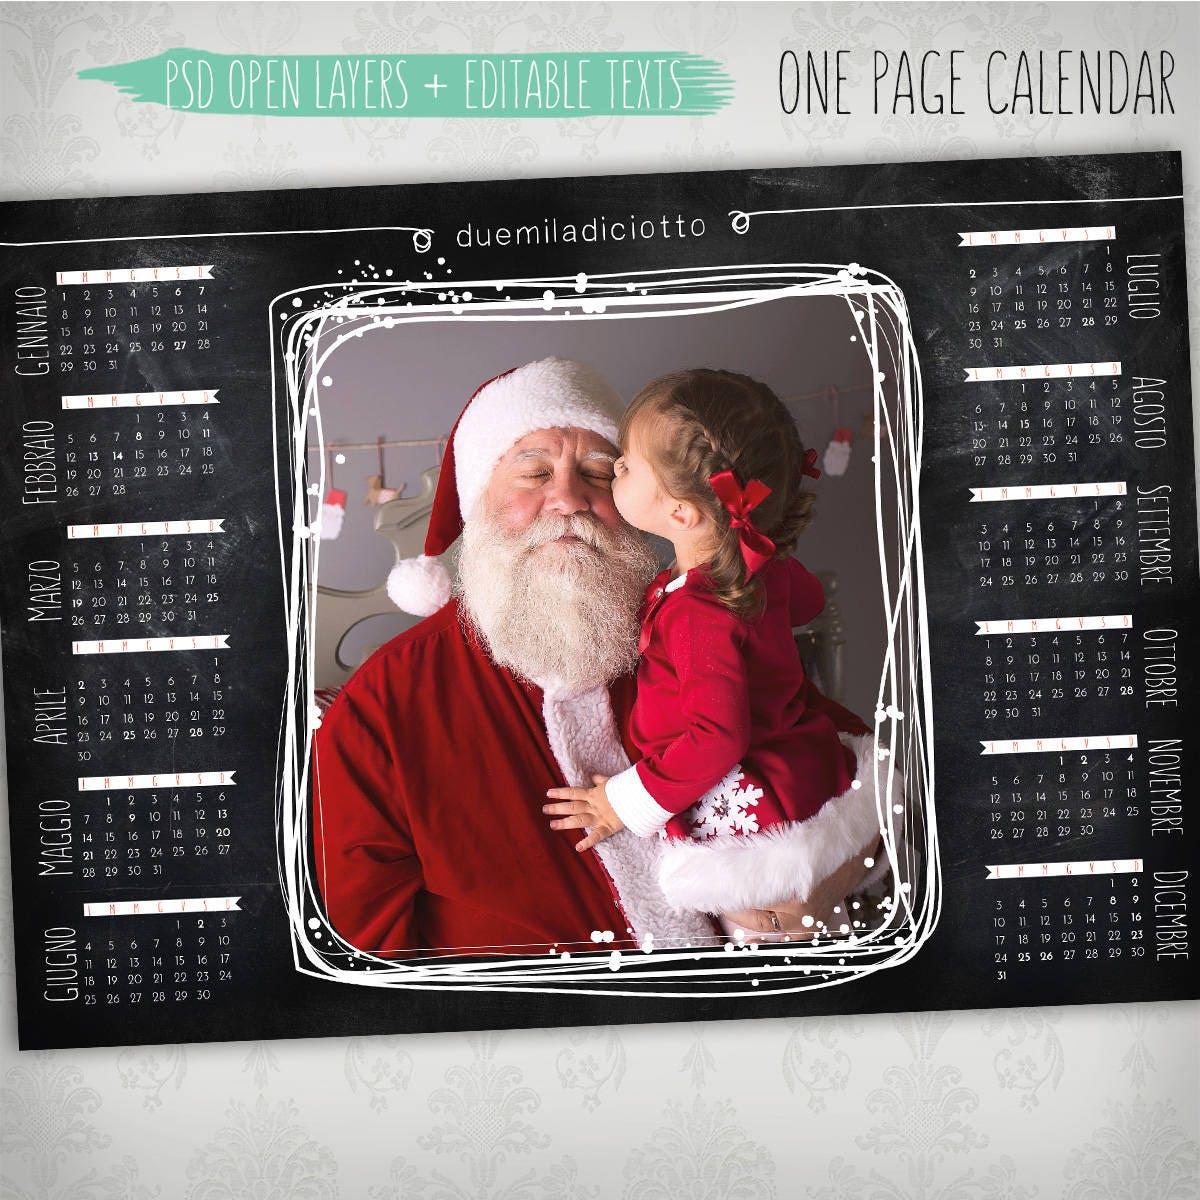 2018 una página calendario psd plantilla calendario foto una | Etsy